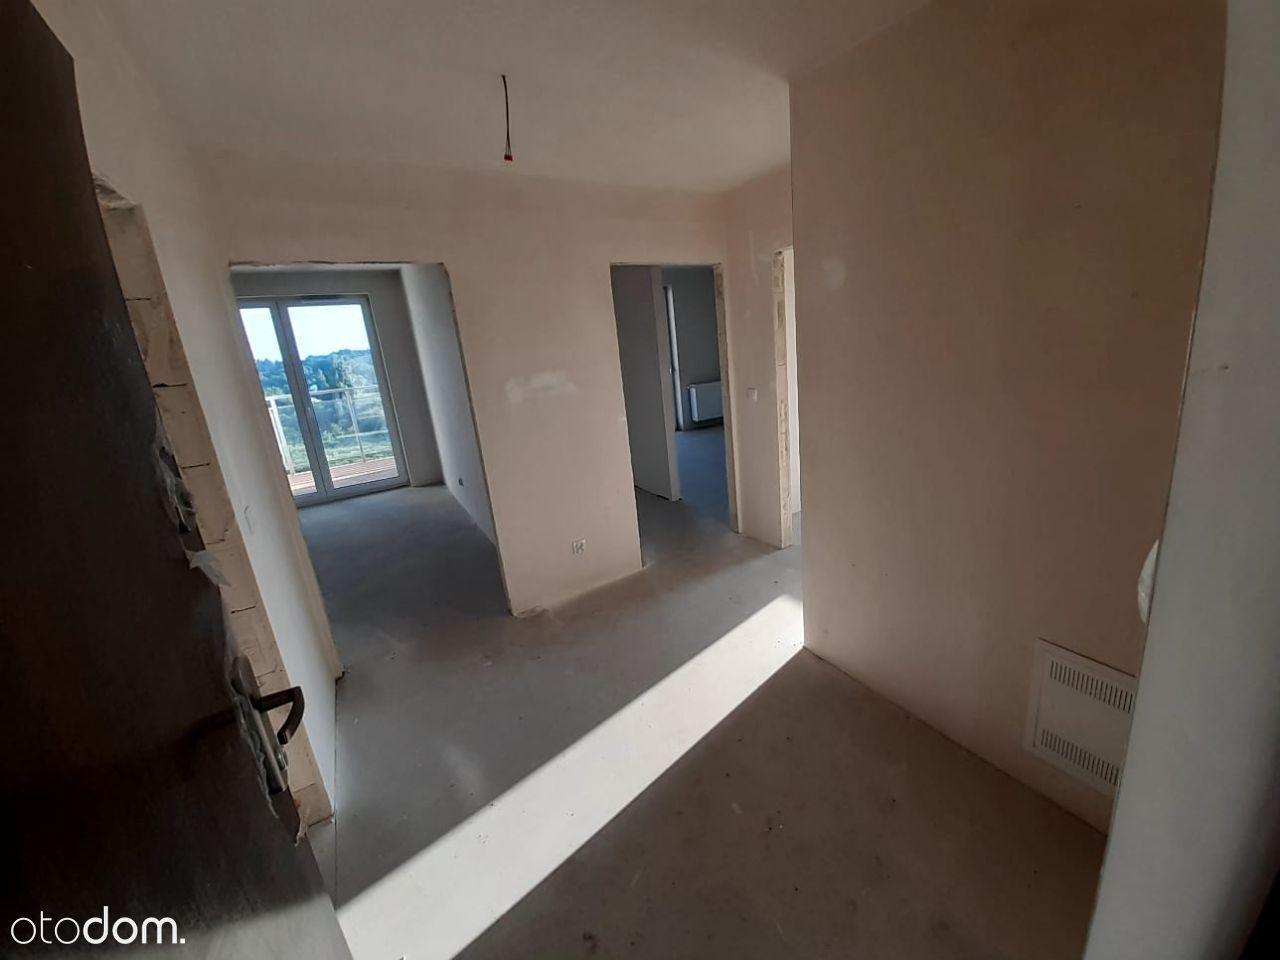 Nowe, gotowe 3-pokojowe mieszkanie 49,6 m2 (3 p.)